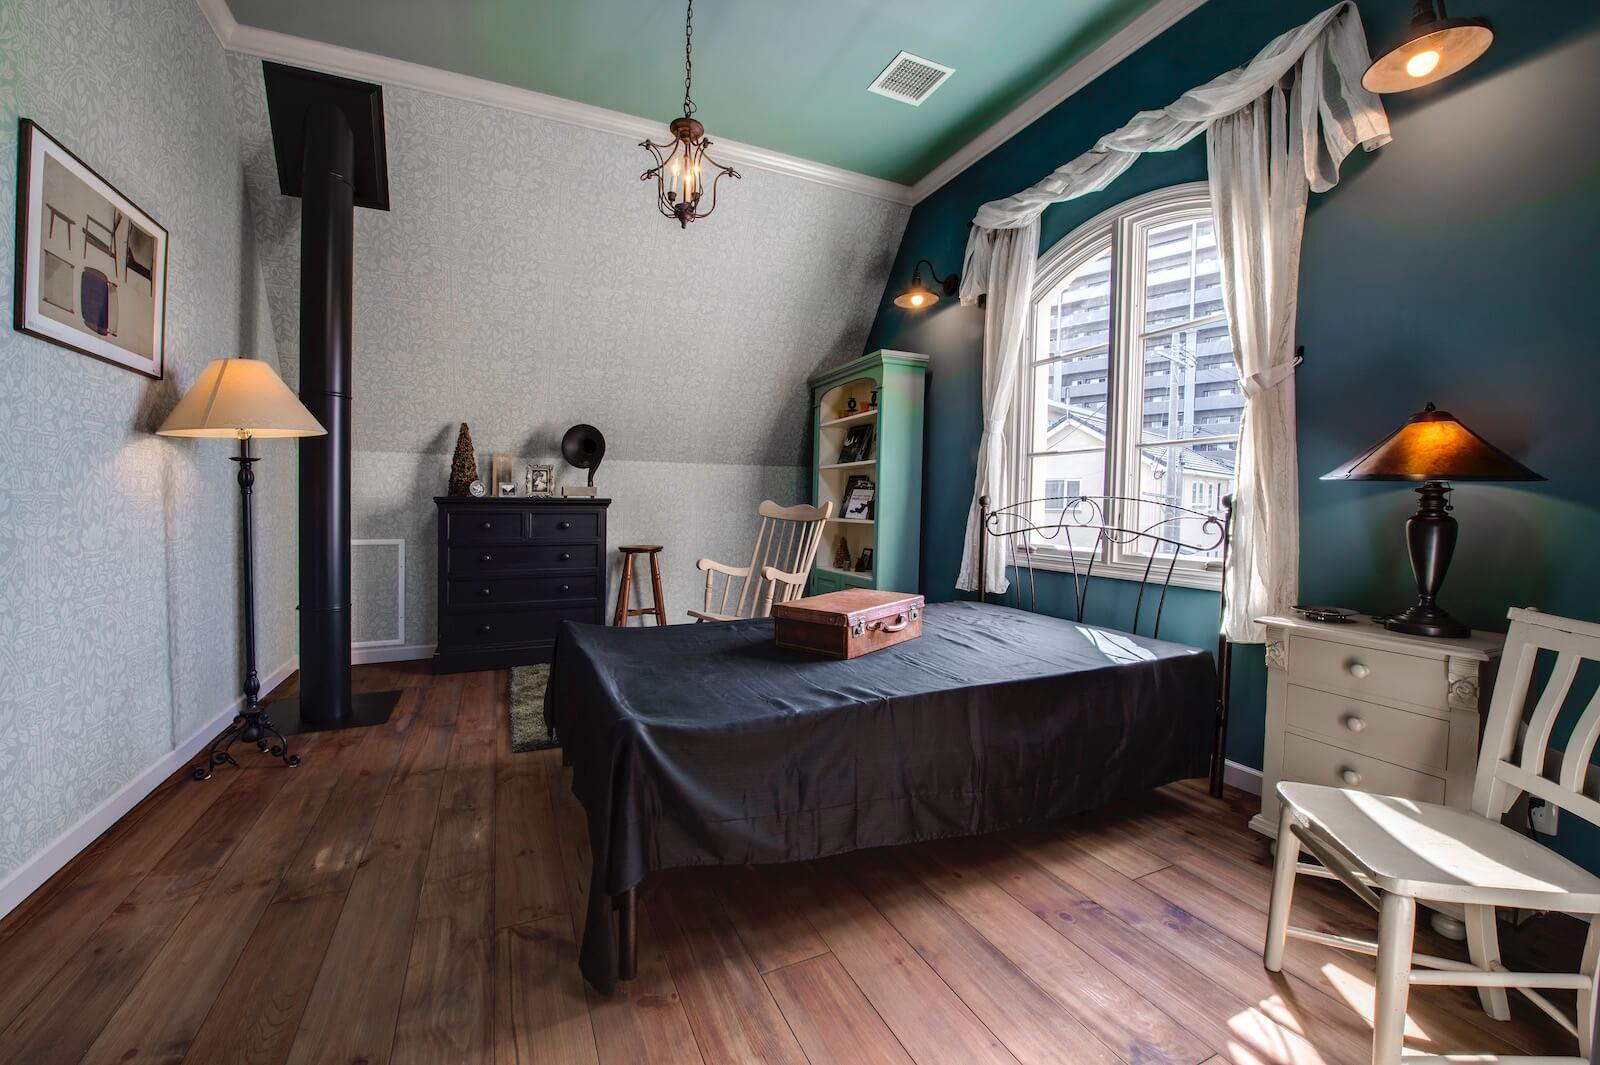 プロヴァンスのビルトインガレージ輸入住宅の寝室